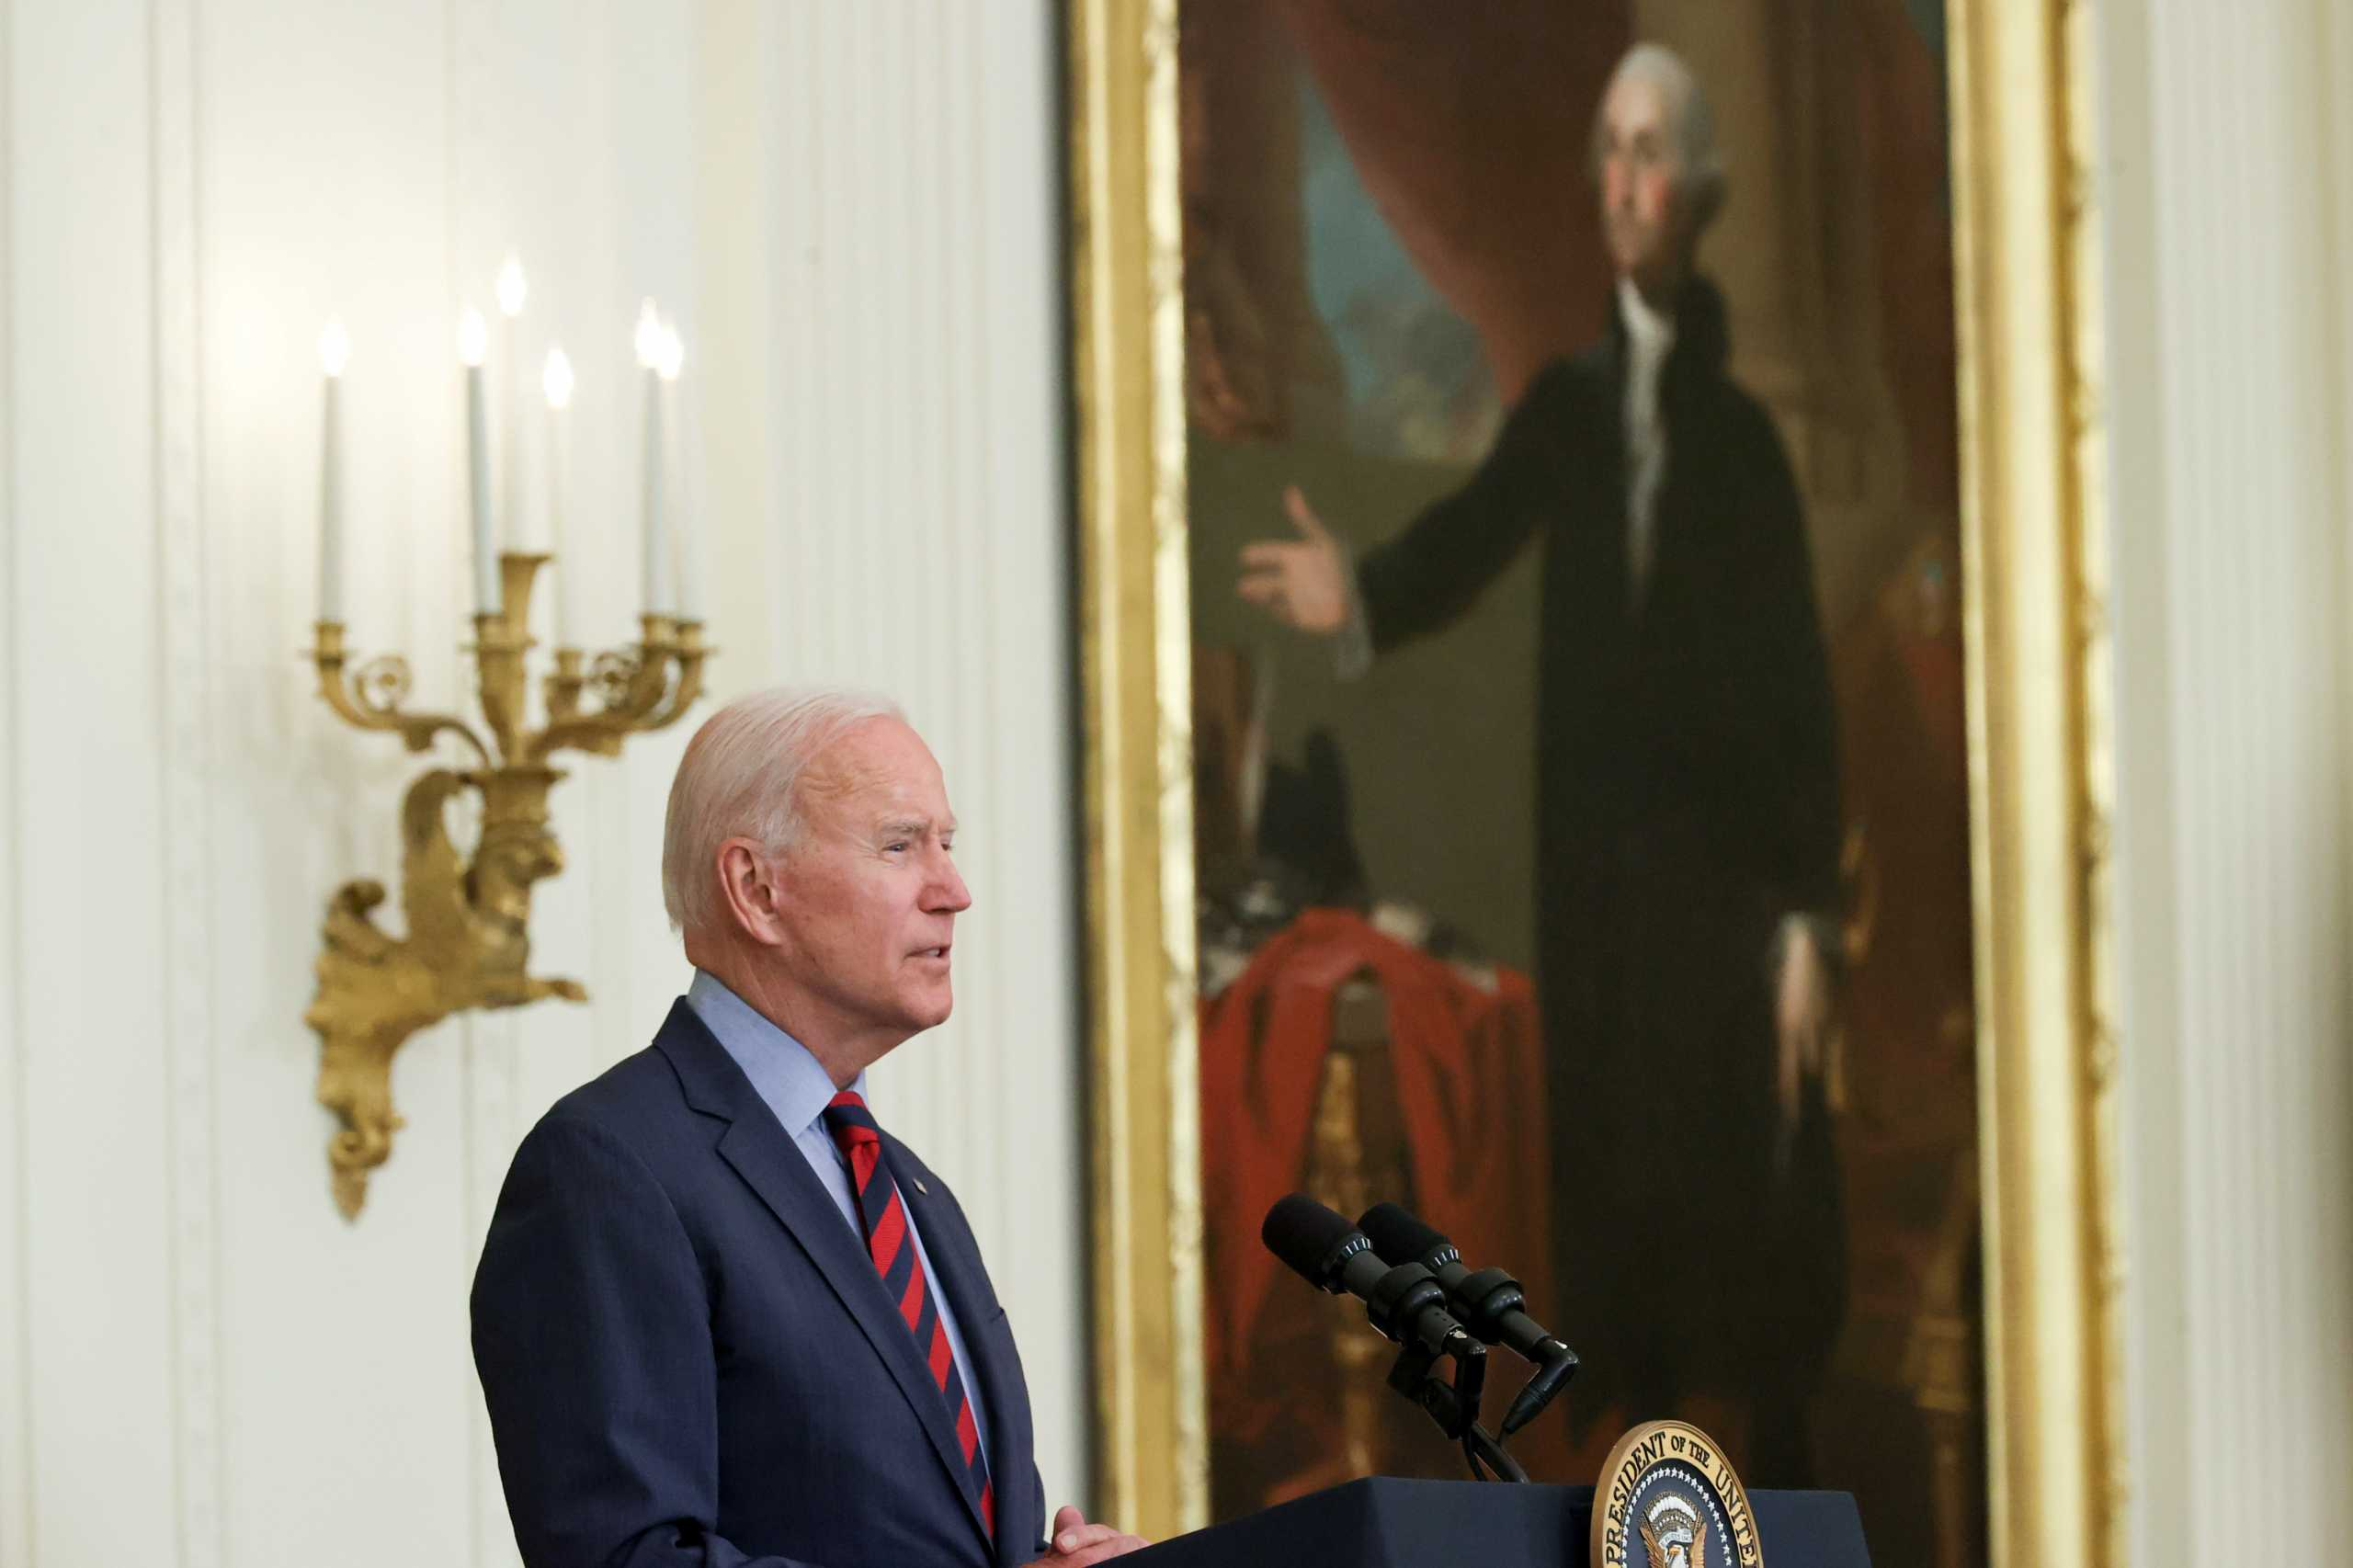 ΗΠΑ: Ο Πρόεδρος Μπάιντεν ζητάει την παραίτηση του κυβερνήτη της Ν. Υόρκης